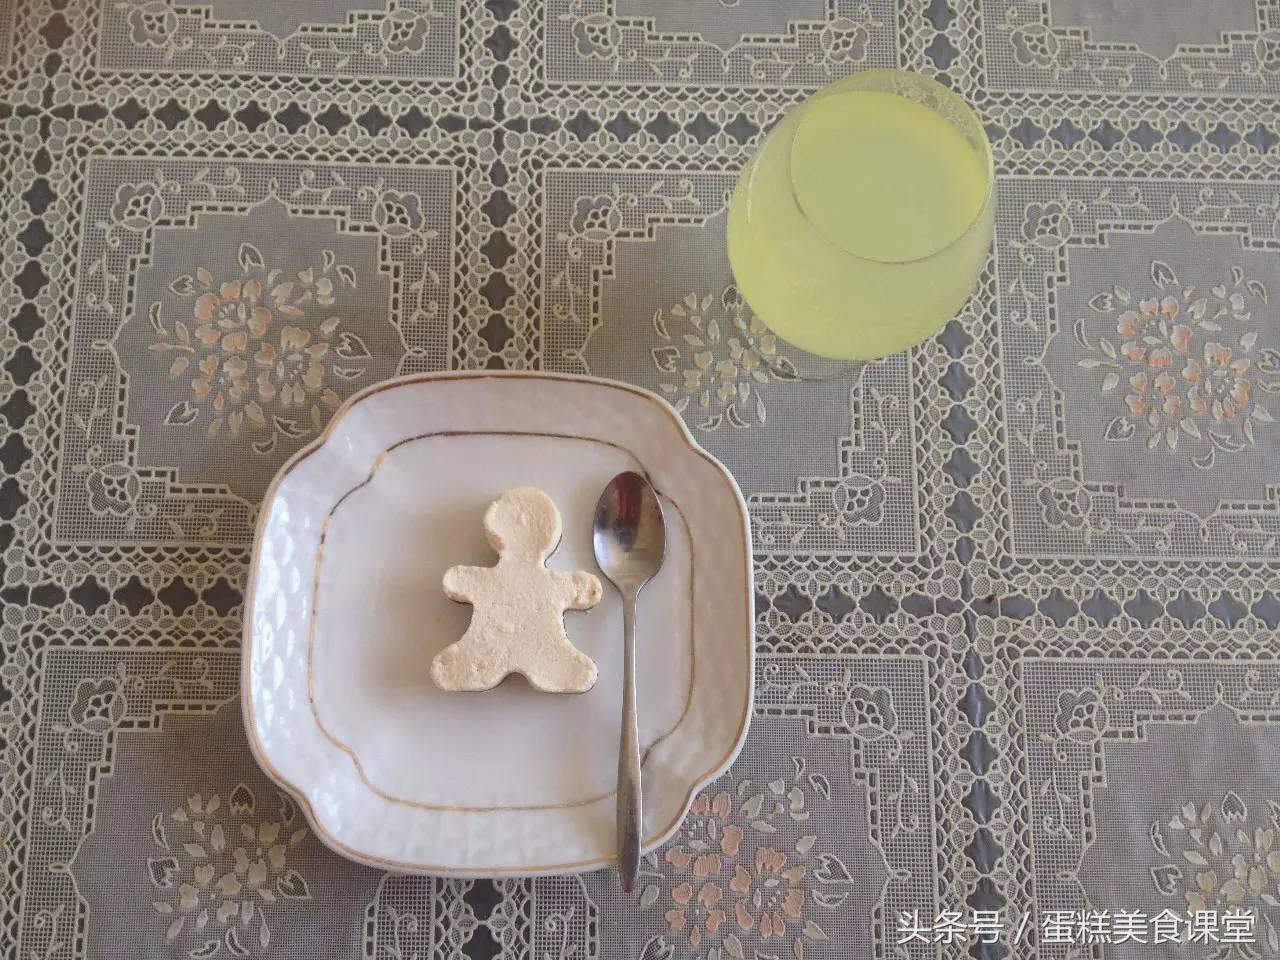 下午茶 奶香醇厚的鲜奶酪做法(原创)